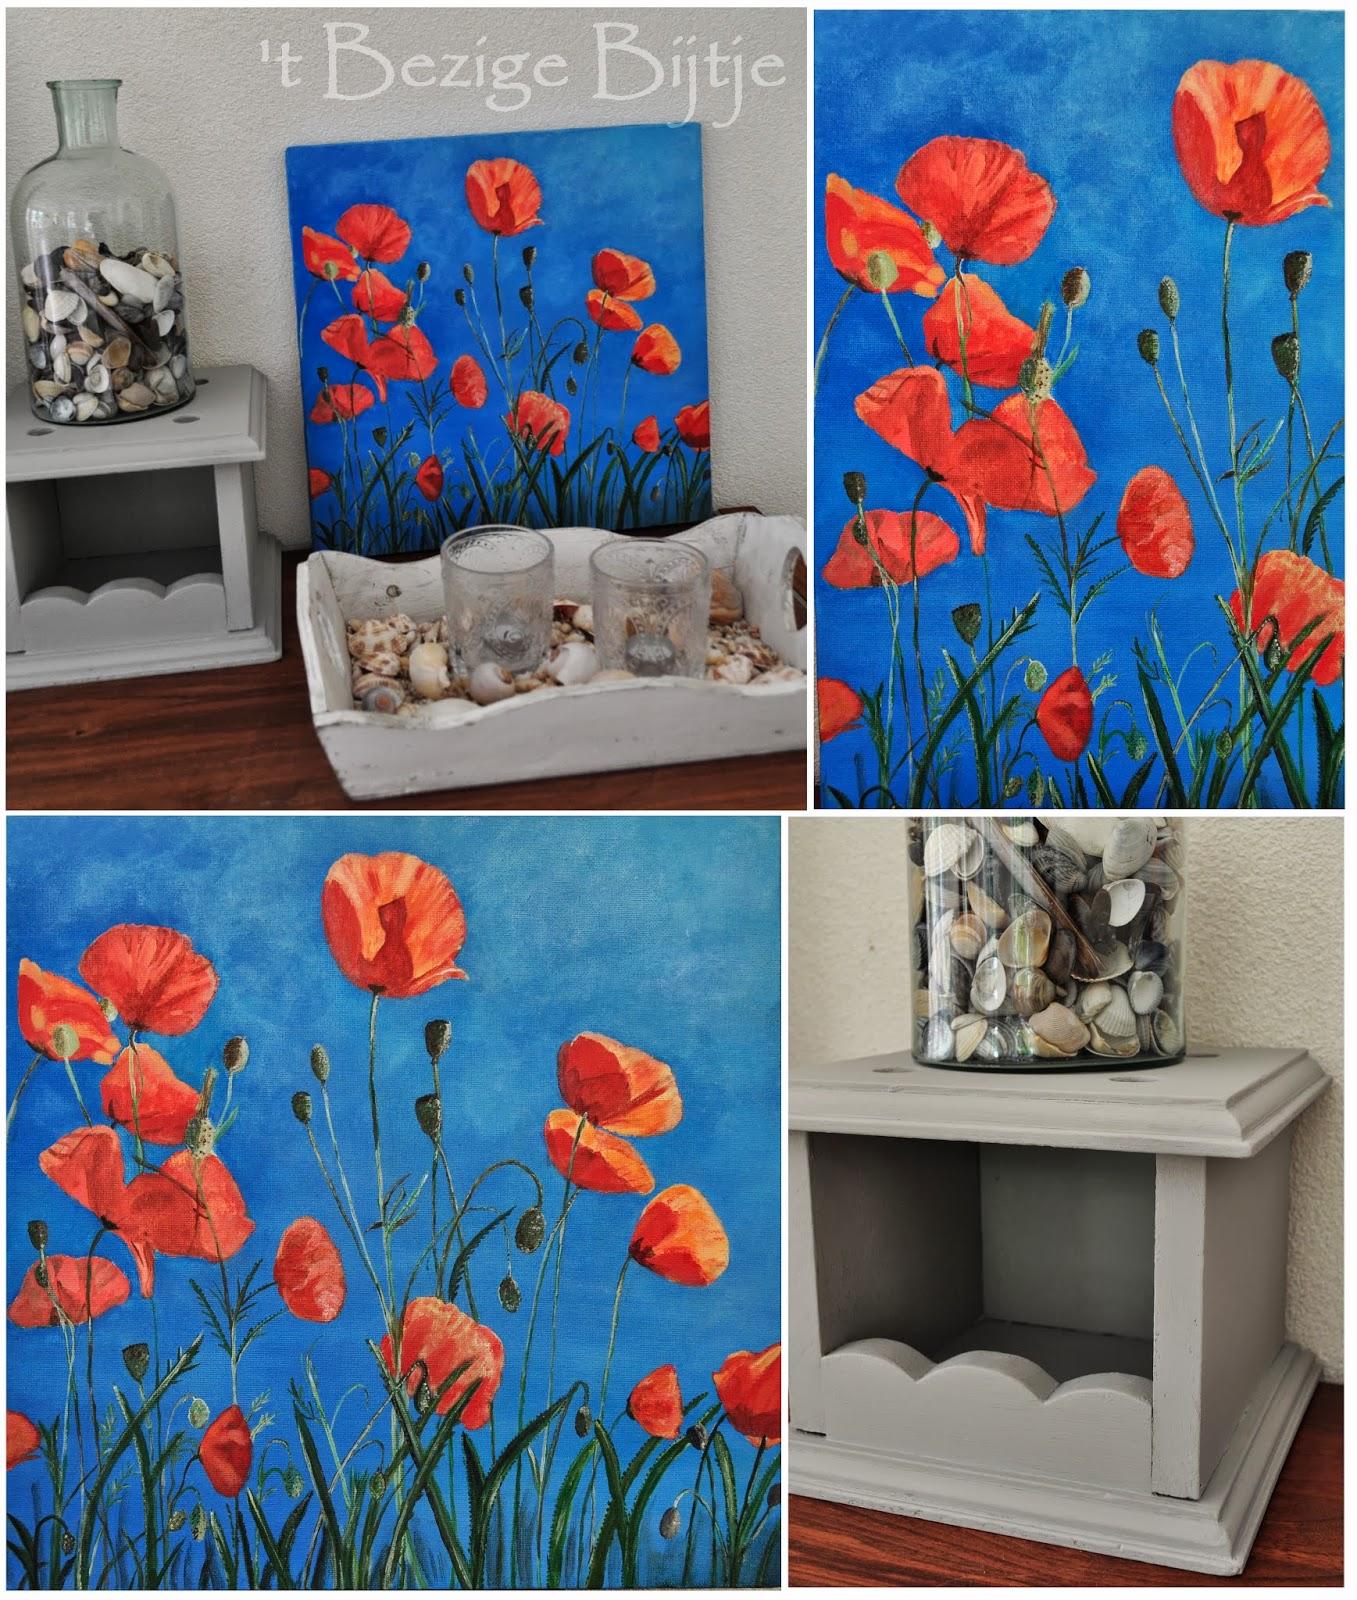 39 t bezige bijtje blij met mijn schilderij - Schilderij kamer ontwerp ...